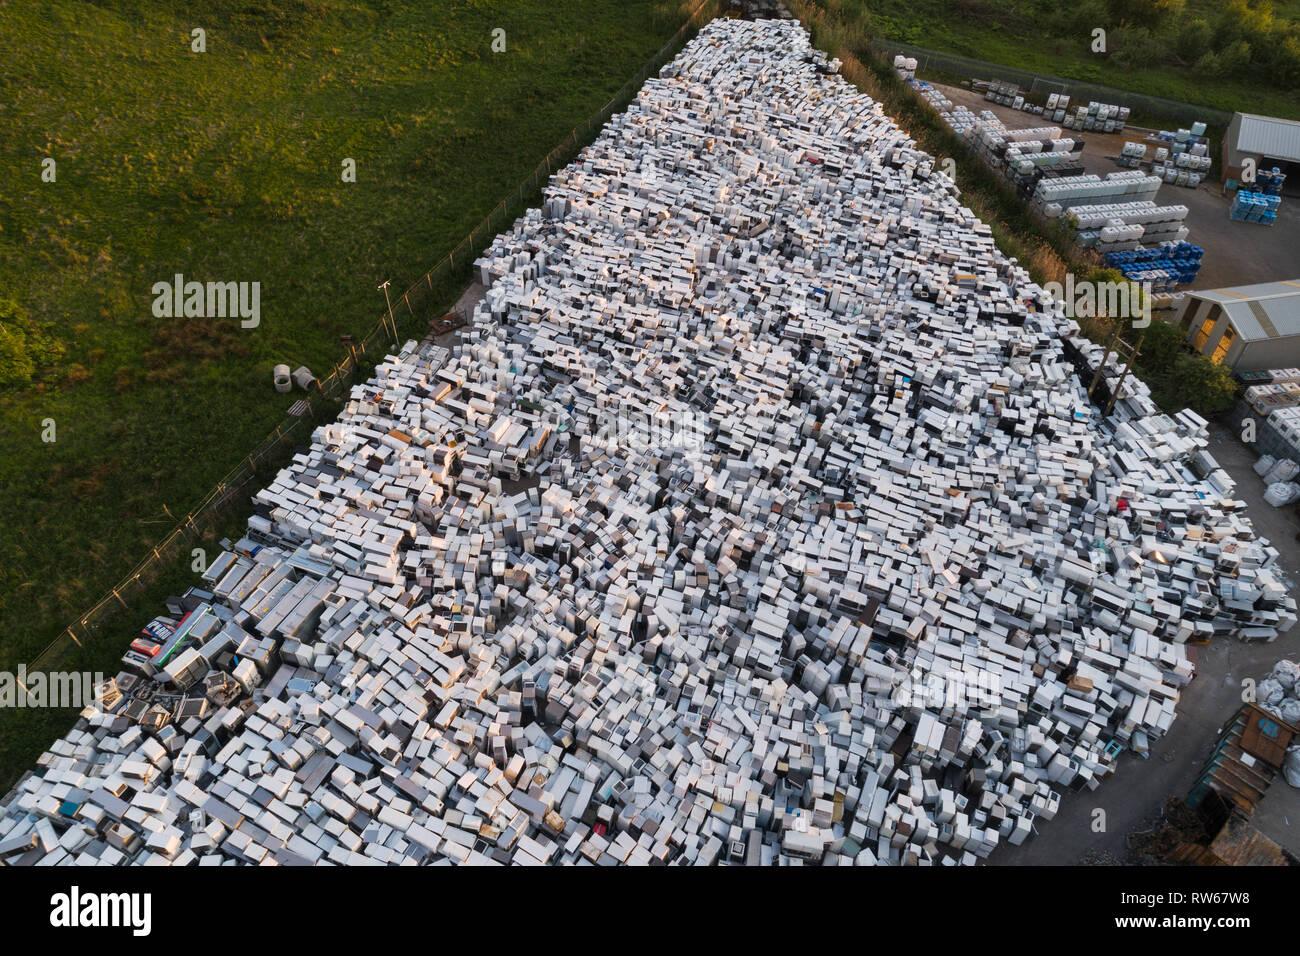 Imagen aérea de una nevera de reciclaje y eliminación de astillero en Perth, Escocia, mostrando miles de refrigeradores usados en pilas. Imagen De Stock